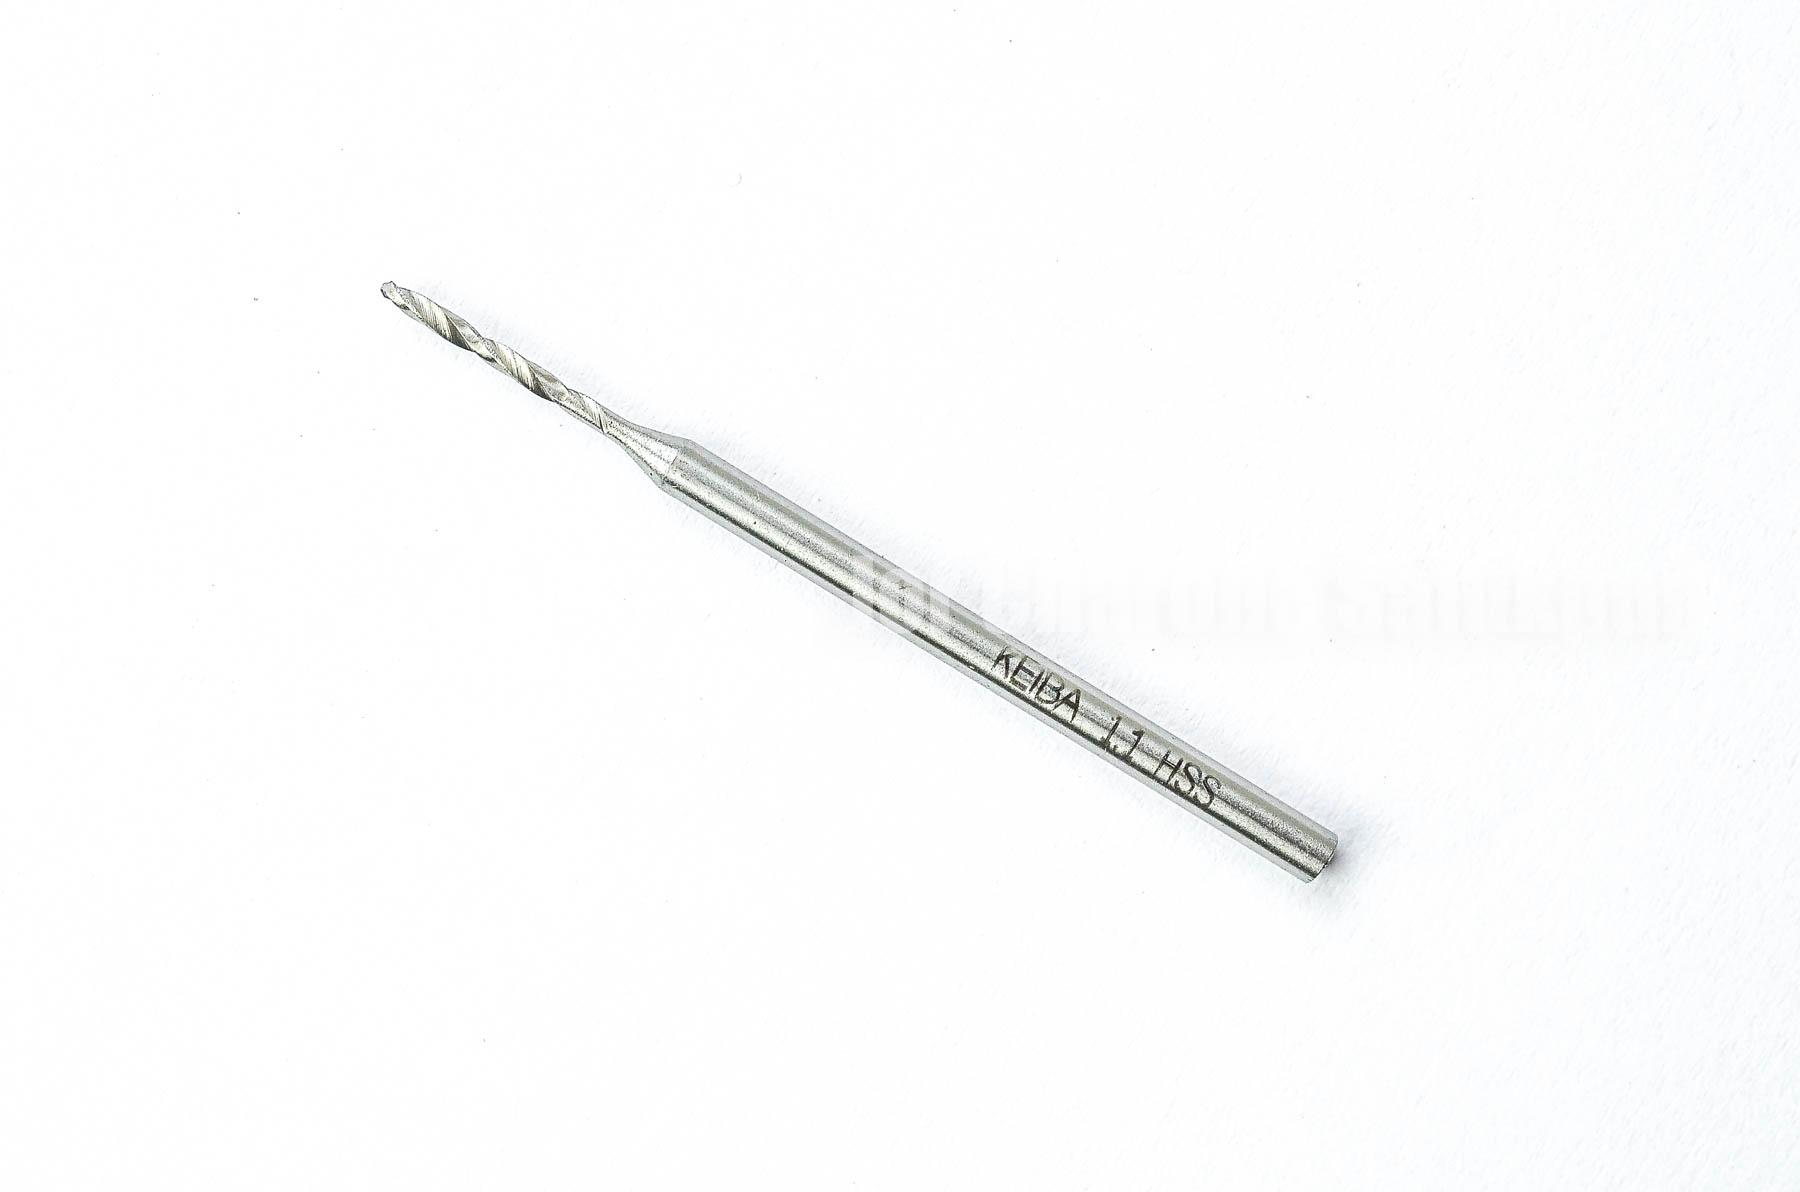 ดอกสว่านจิ๋วแกนโตเจาะเหล็ก KEIBA 1.1 mm